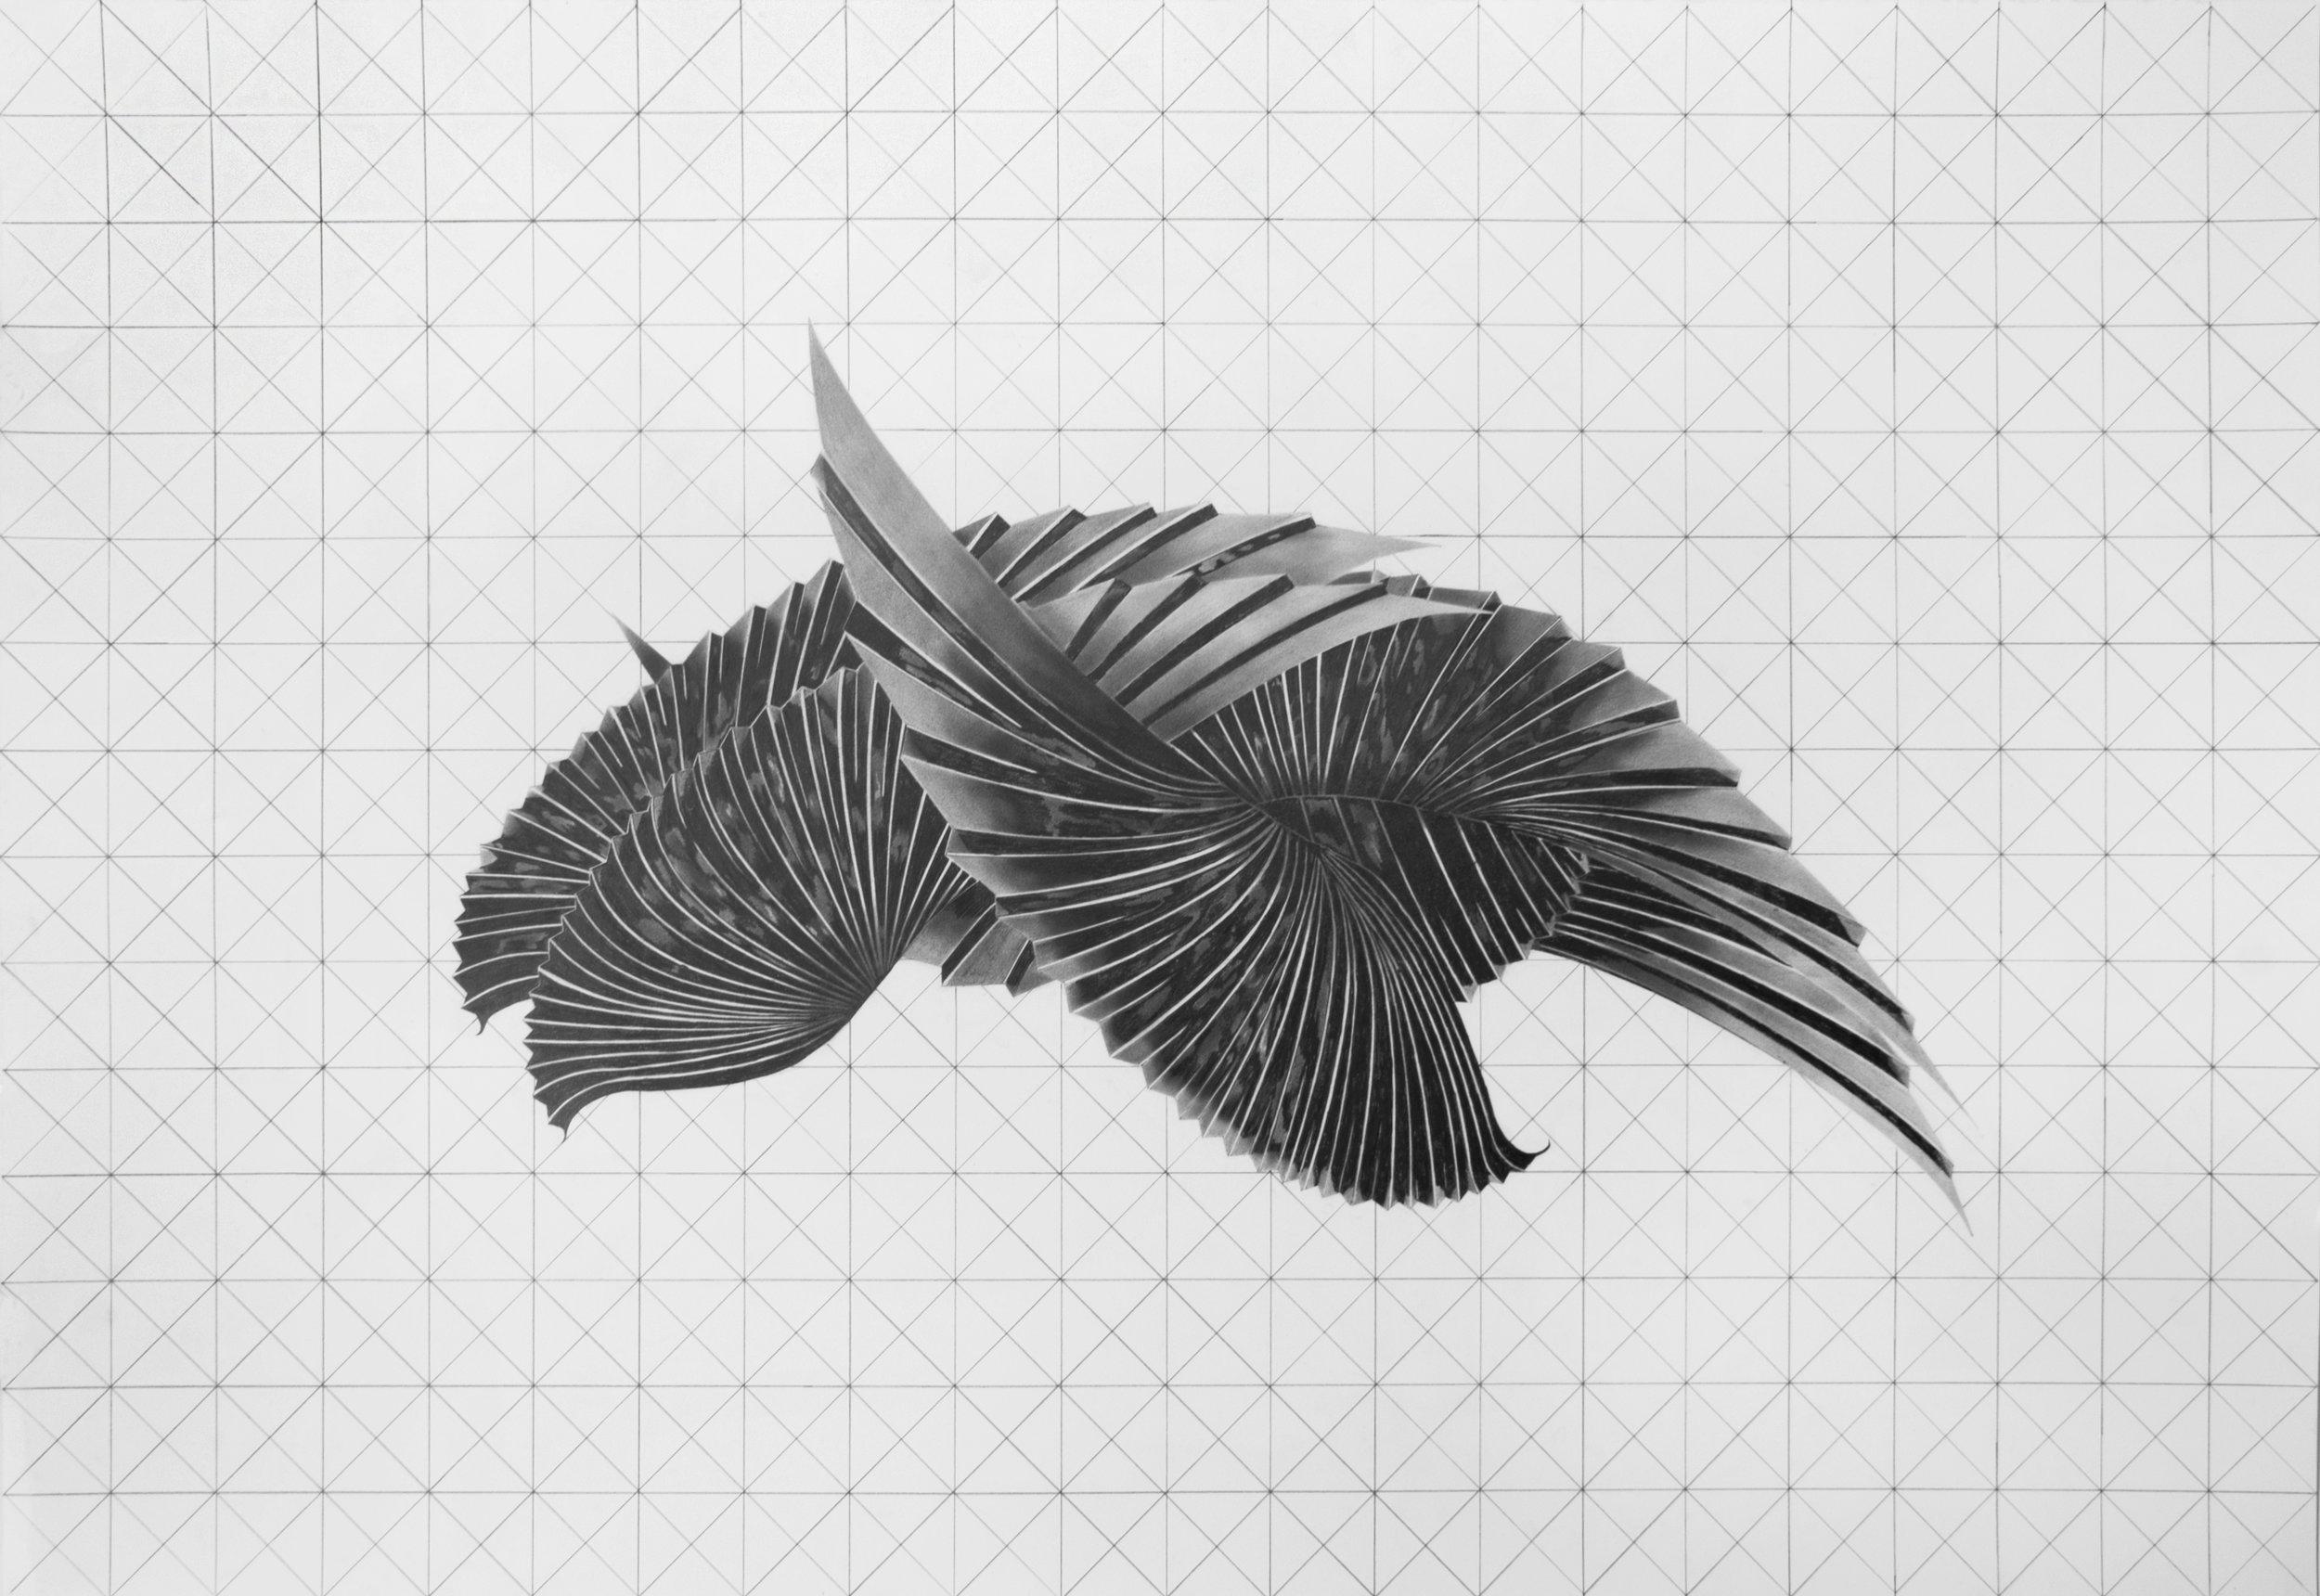 """Philippe Caron Lefebvre,  Prototype pour un astronef , 2016, graphite sur papier, 76 x 112 cm (30"""" x 44"""")"""